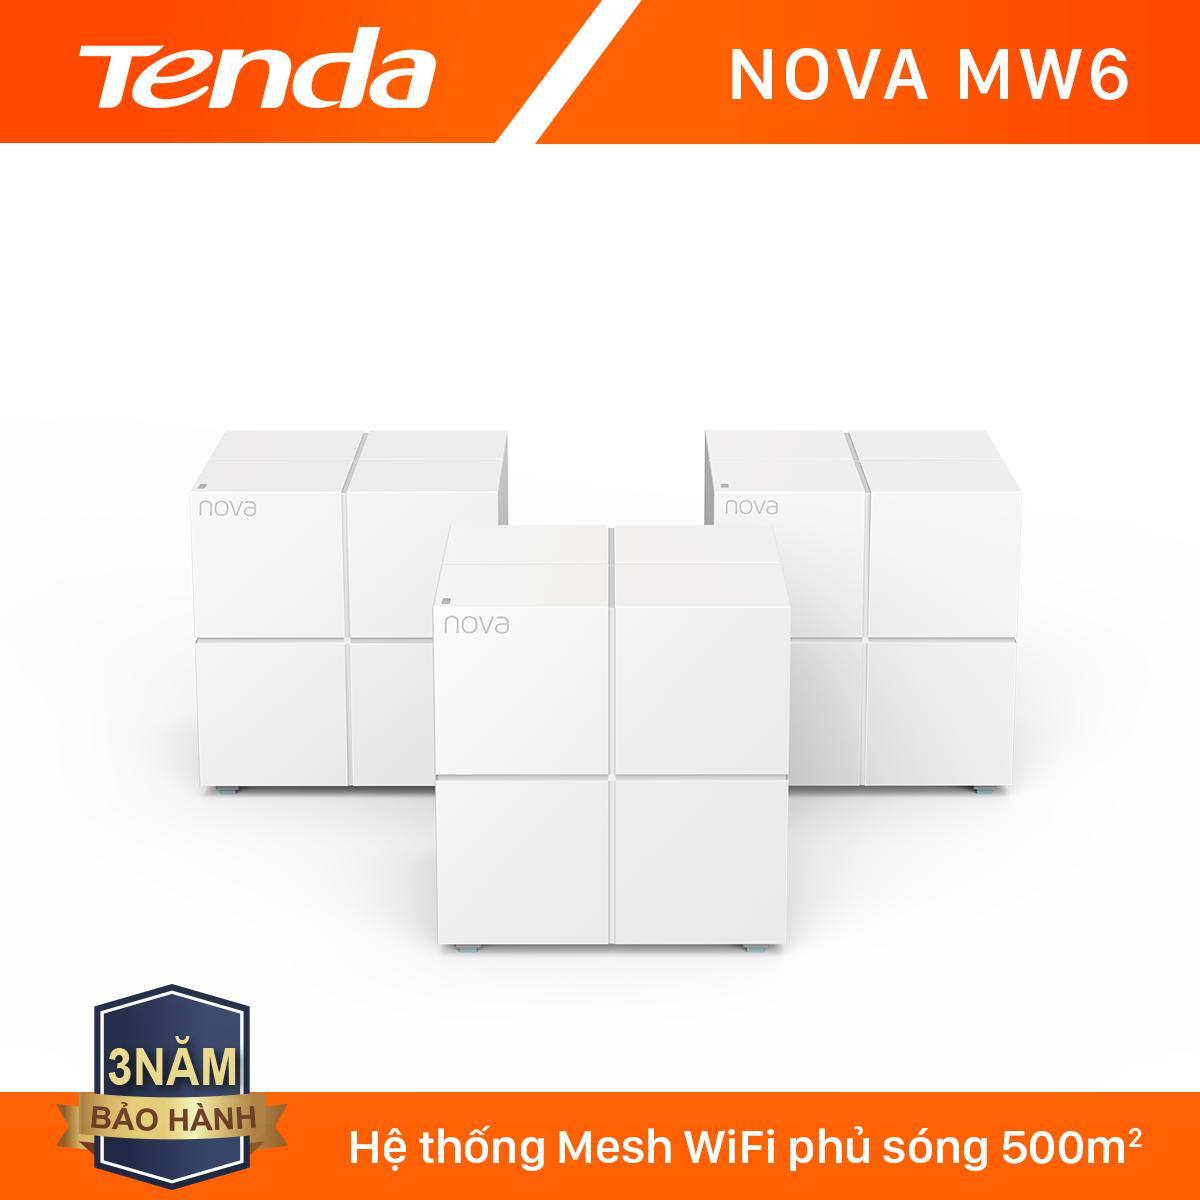 Giá Tenda Hệ thống Wifi Nova Mesh cho gia đình MW6 Chuẩn AC 1200Mbps - Hãng phân phối chính thức